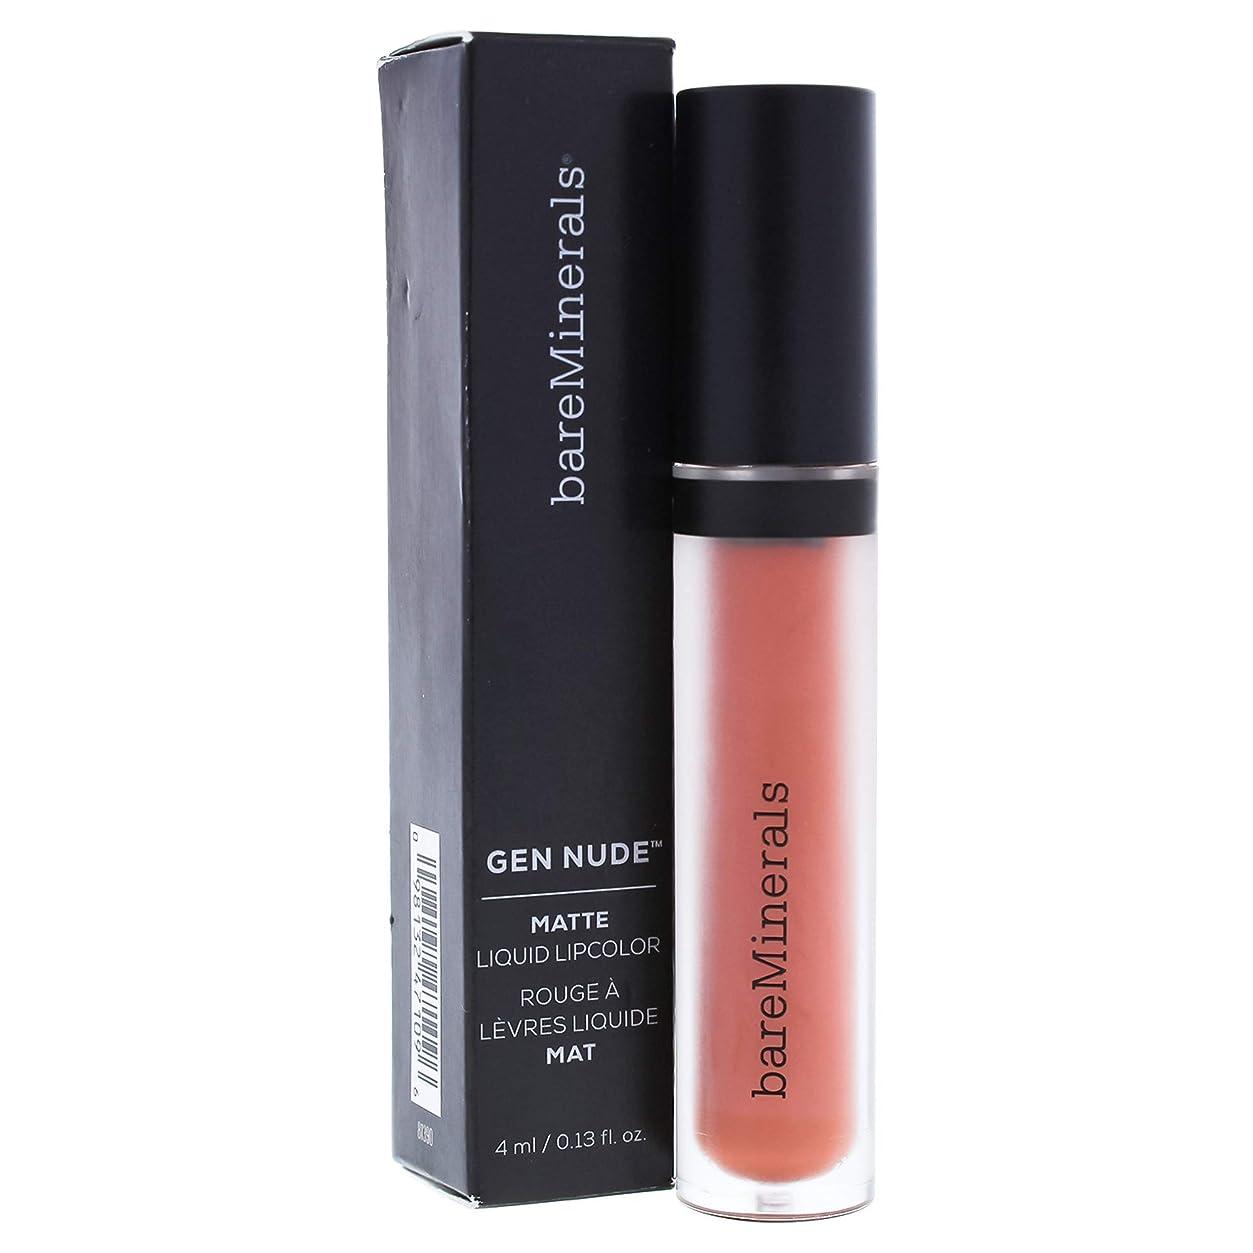 教育する取り出す選択するベアミネラル Gen Nude Matte Liquid Lipcolor - Weekend 4ml/0.13oz並行輸入品